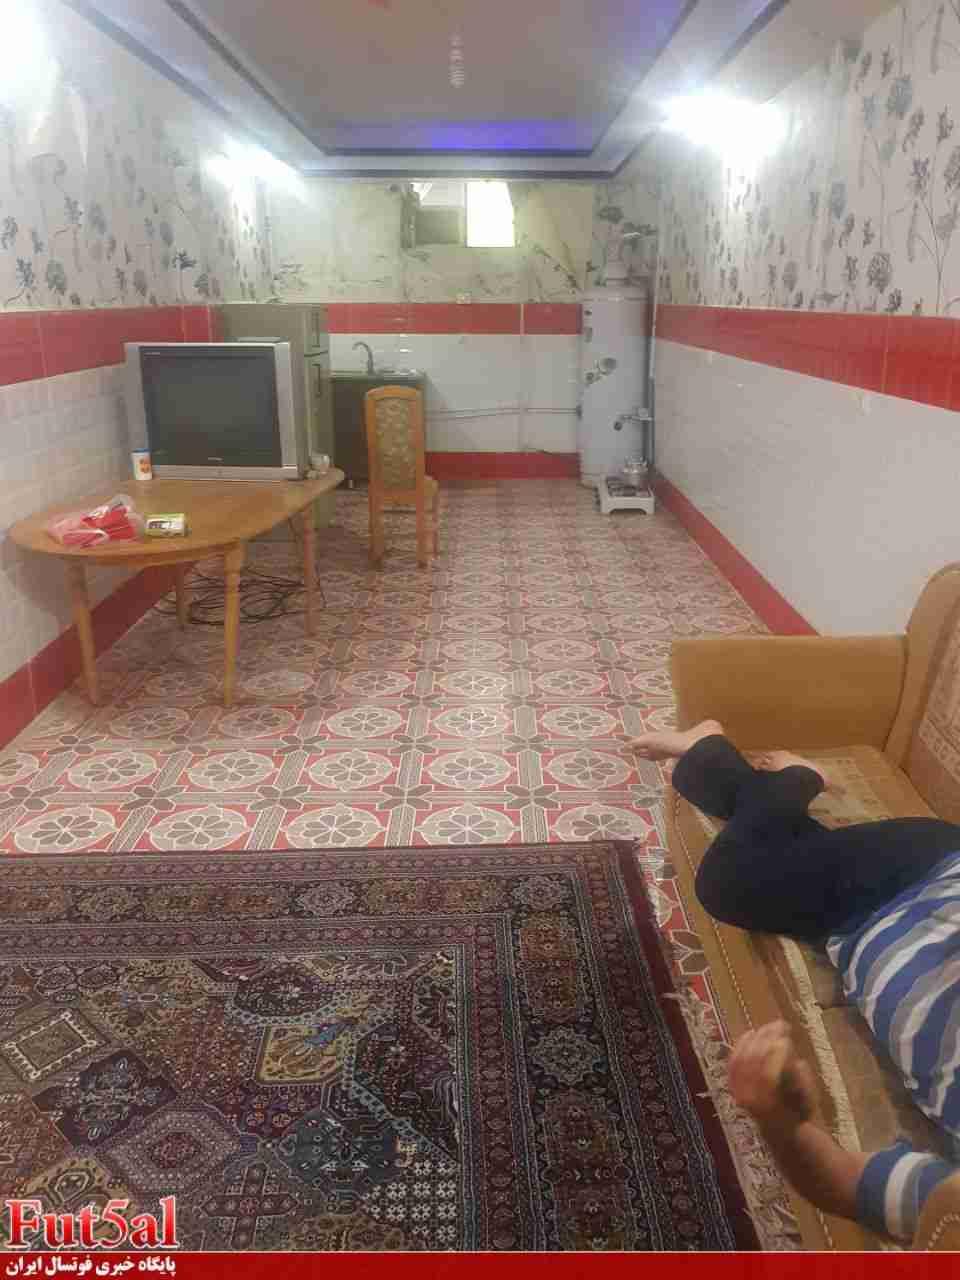 انتقاد از میزبانی های لیگ جوانان و امیدها